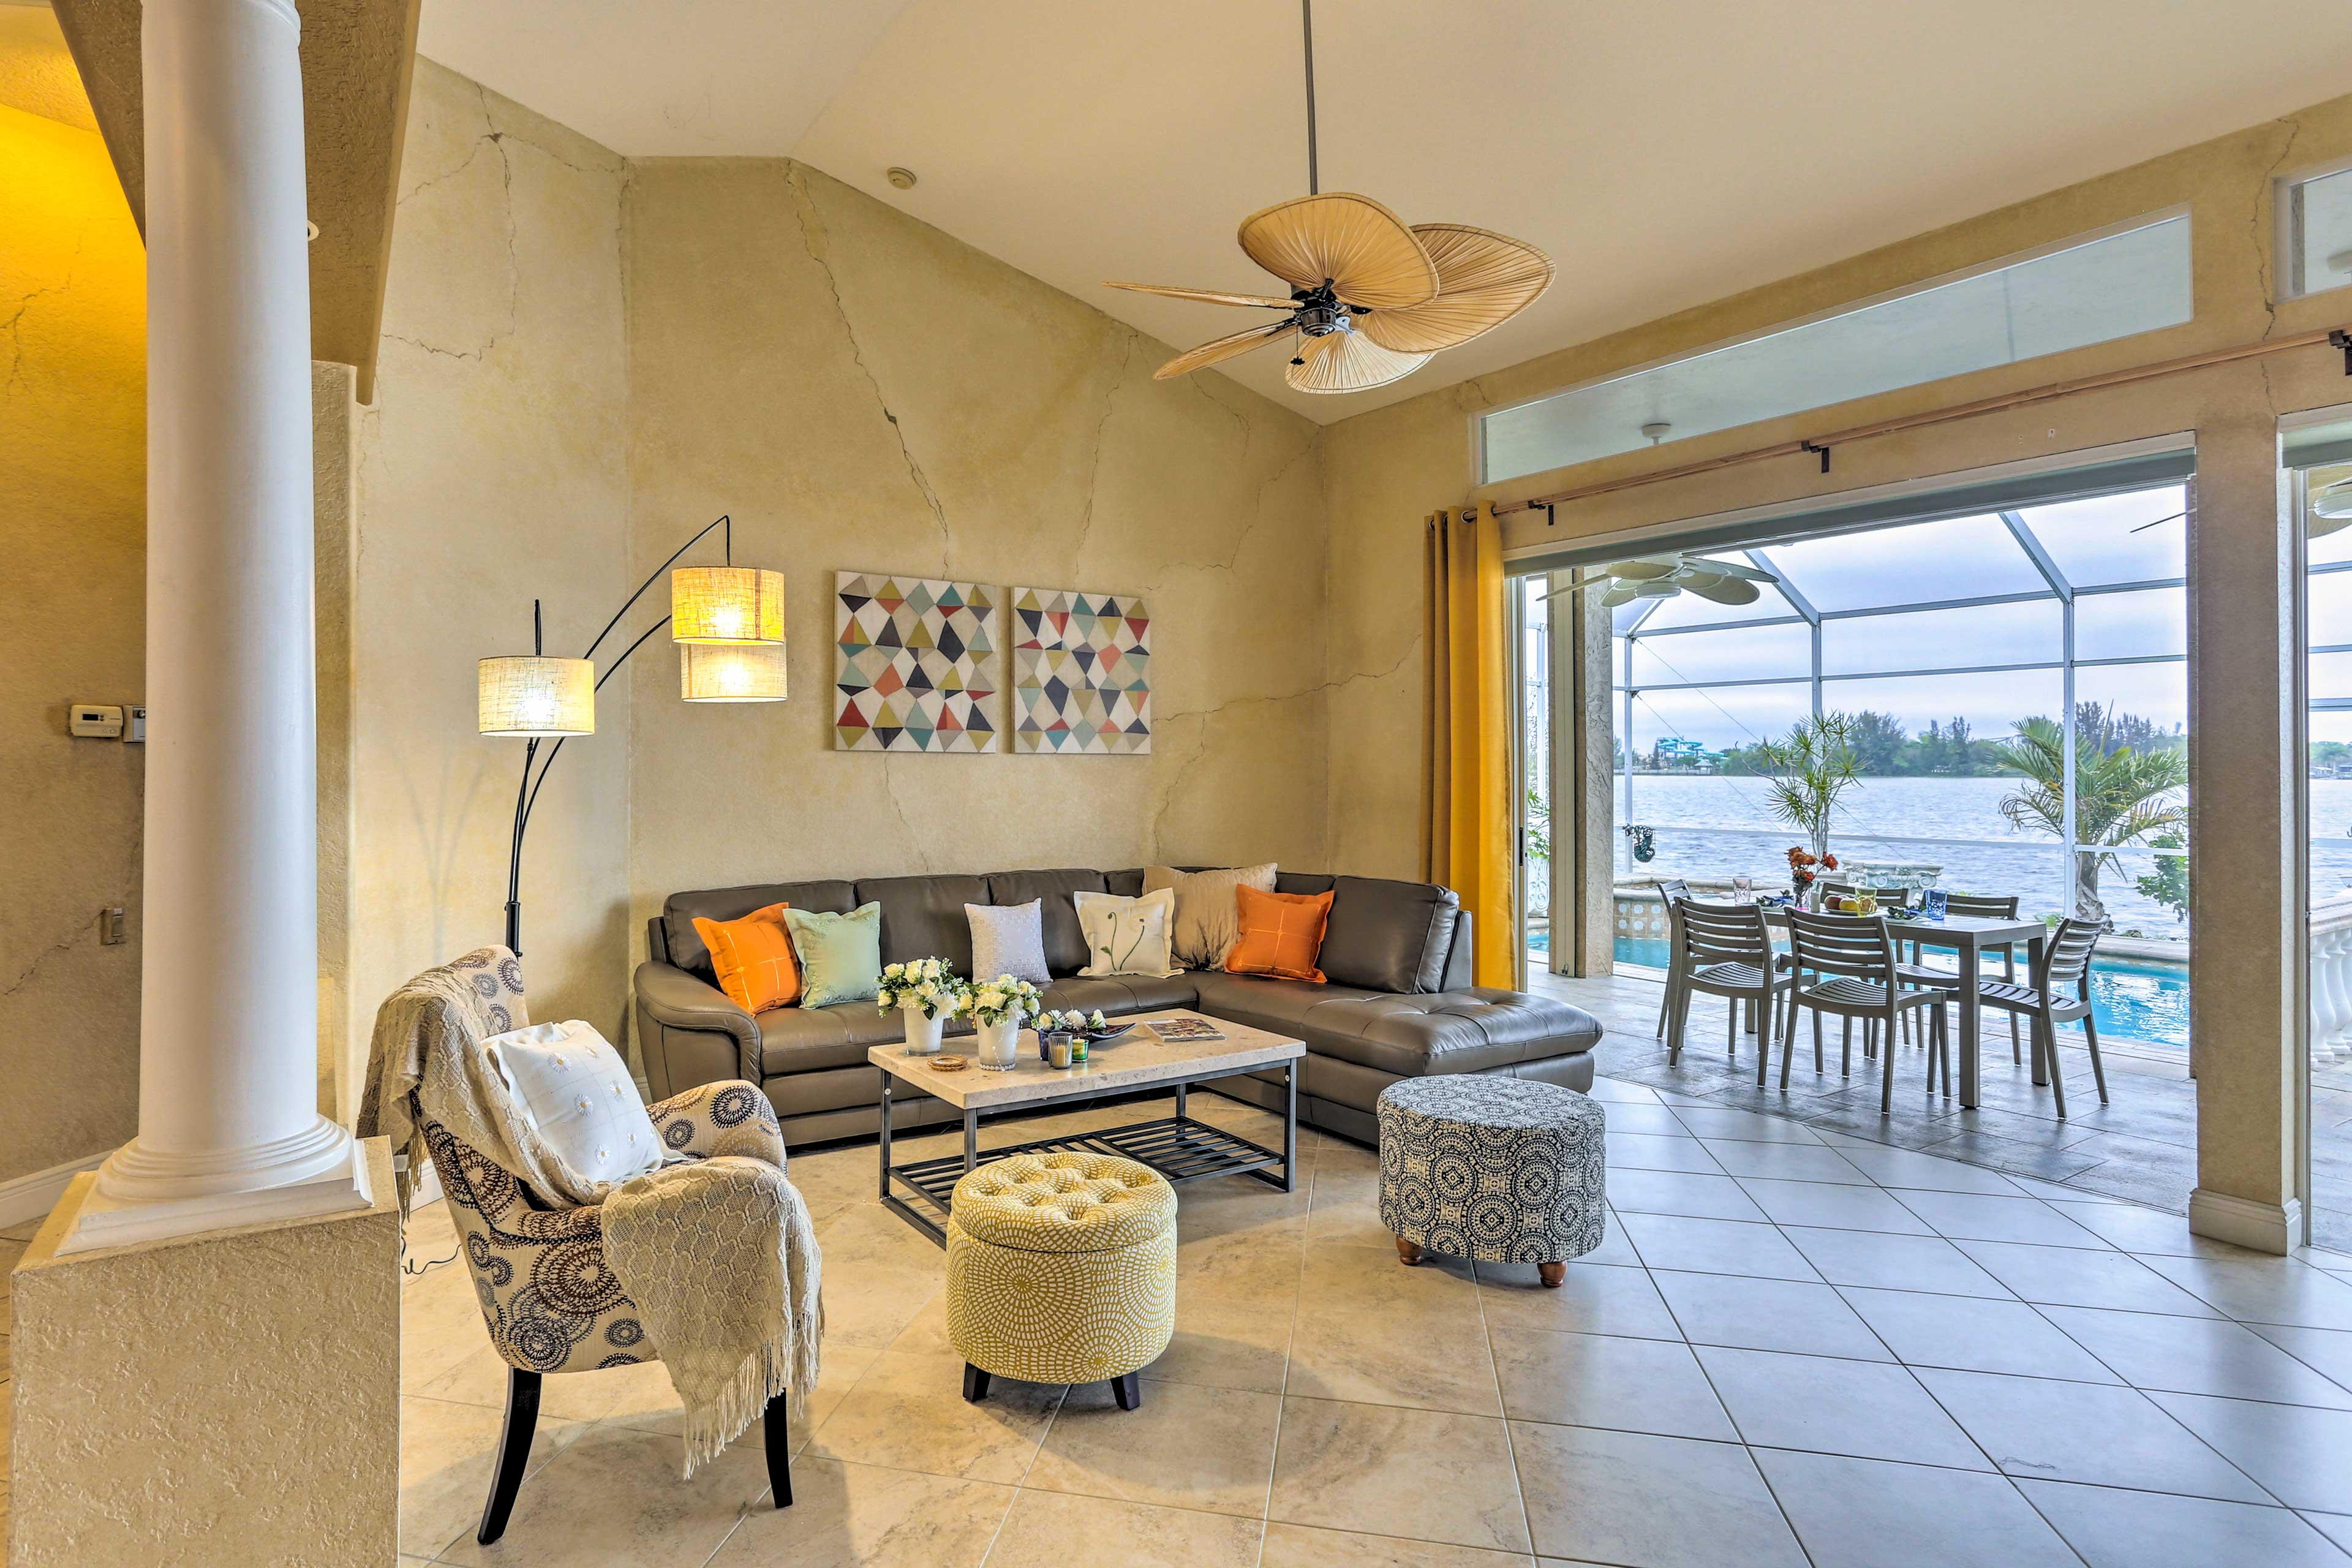 The living room features garage-style doors to create an indoor/outdoor feel!